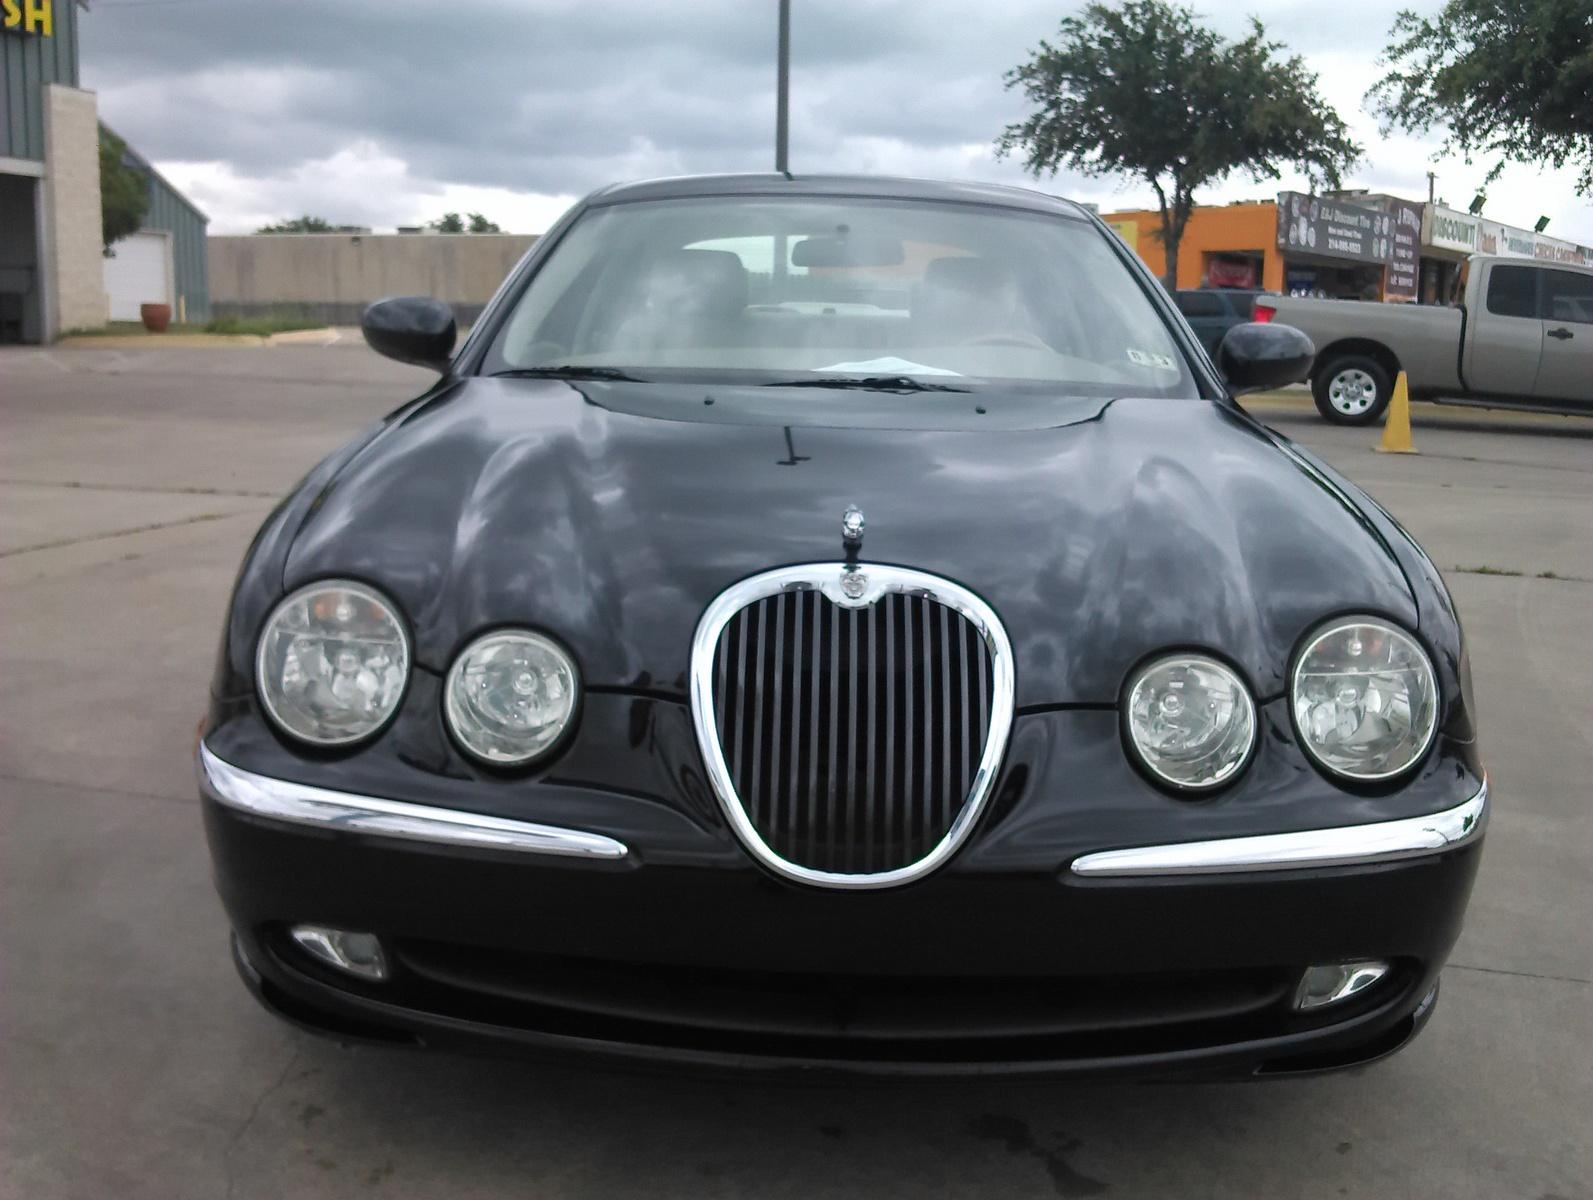 2004 Jaguar S-TYPE - Pictures - CarGurus